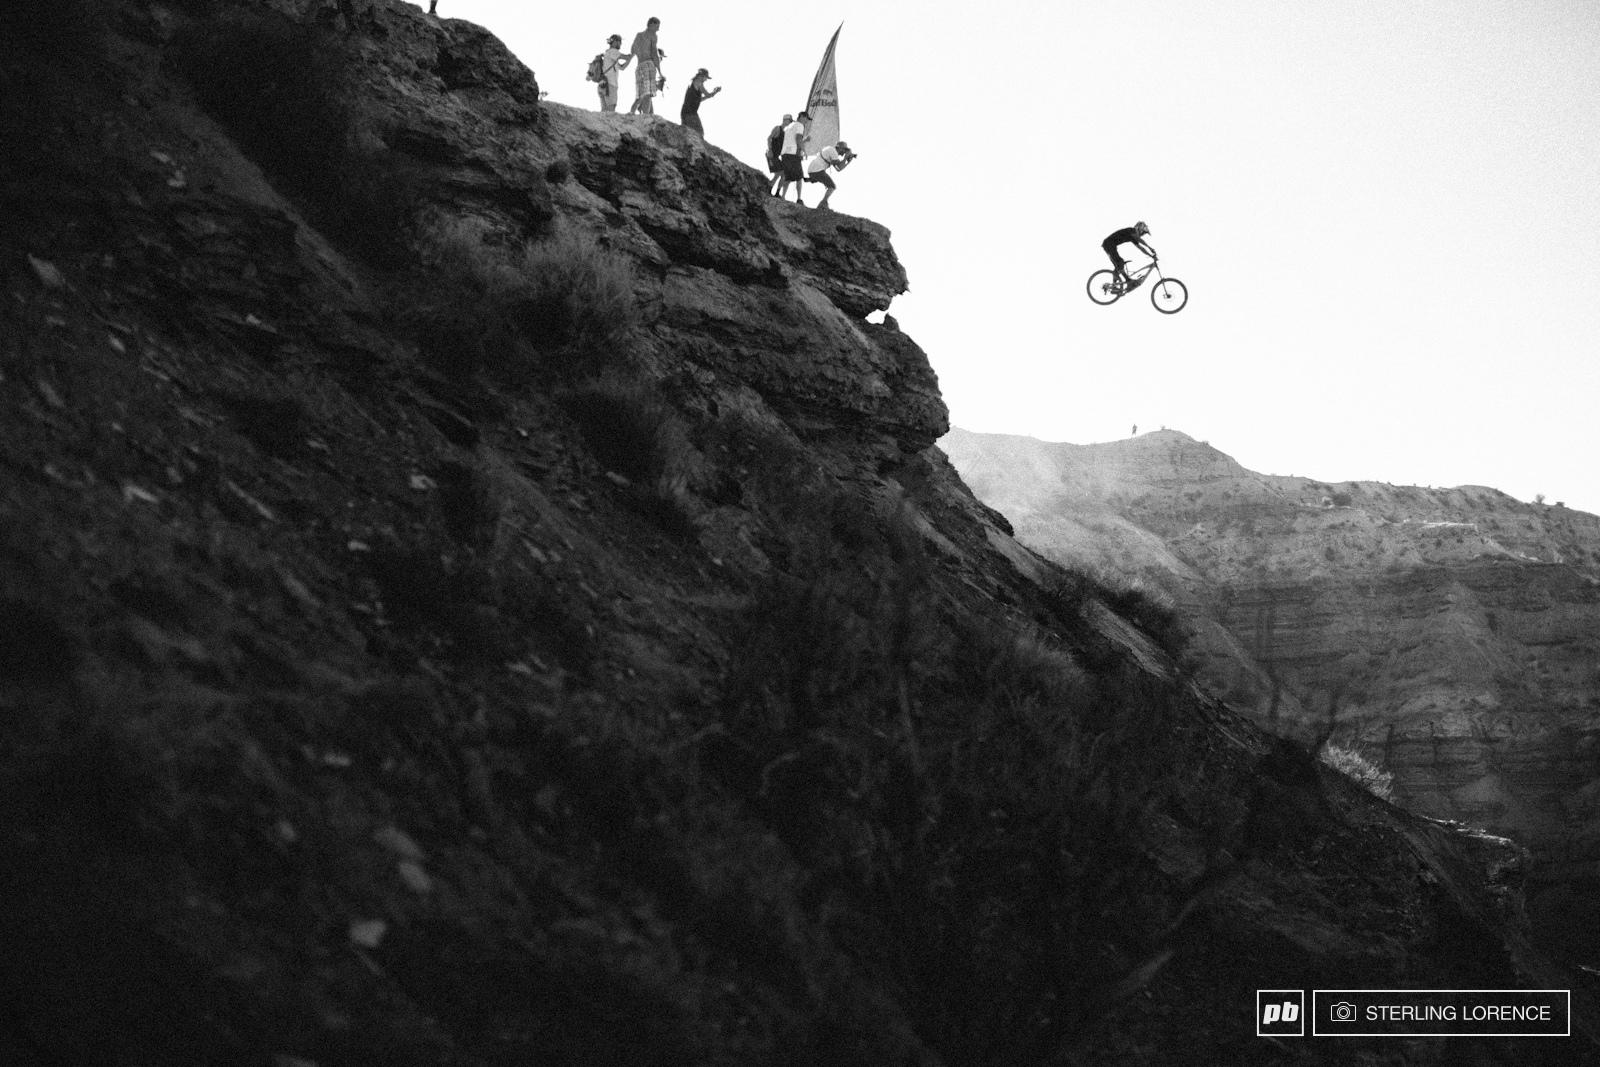 Andreu Lacondeguy at RedBull Rampage 2014